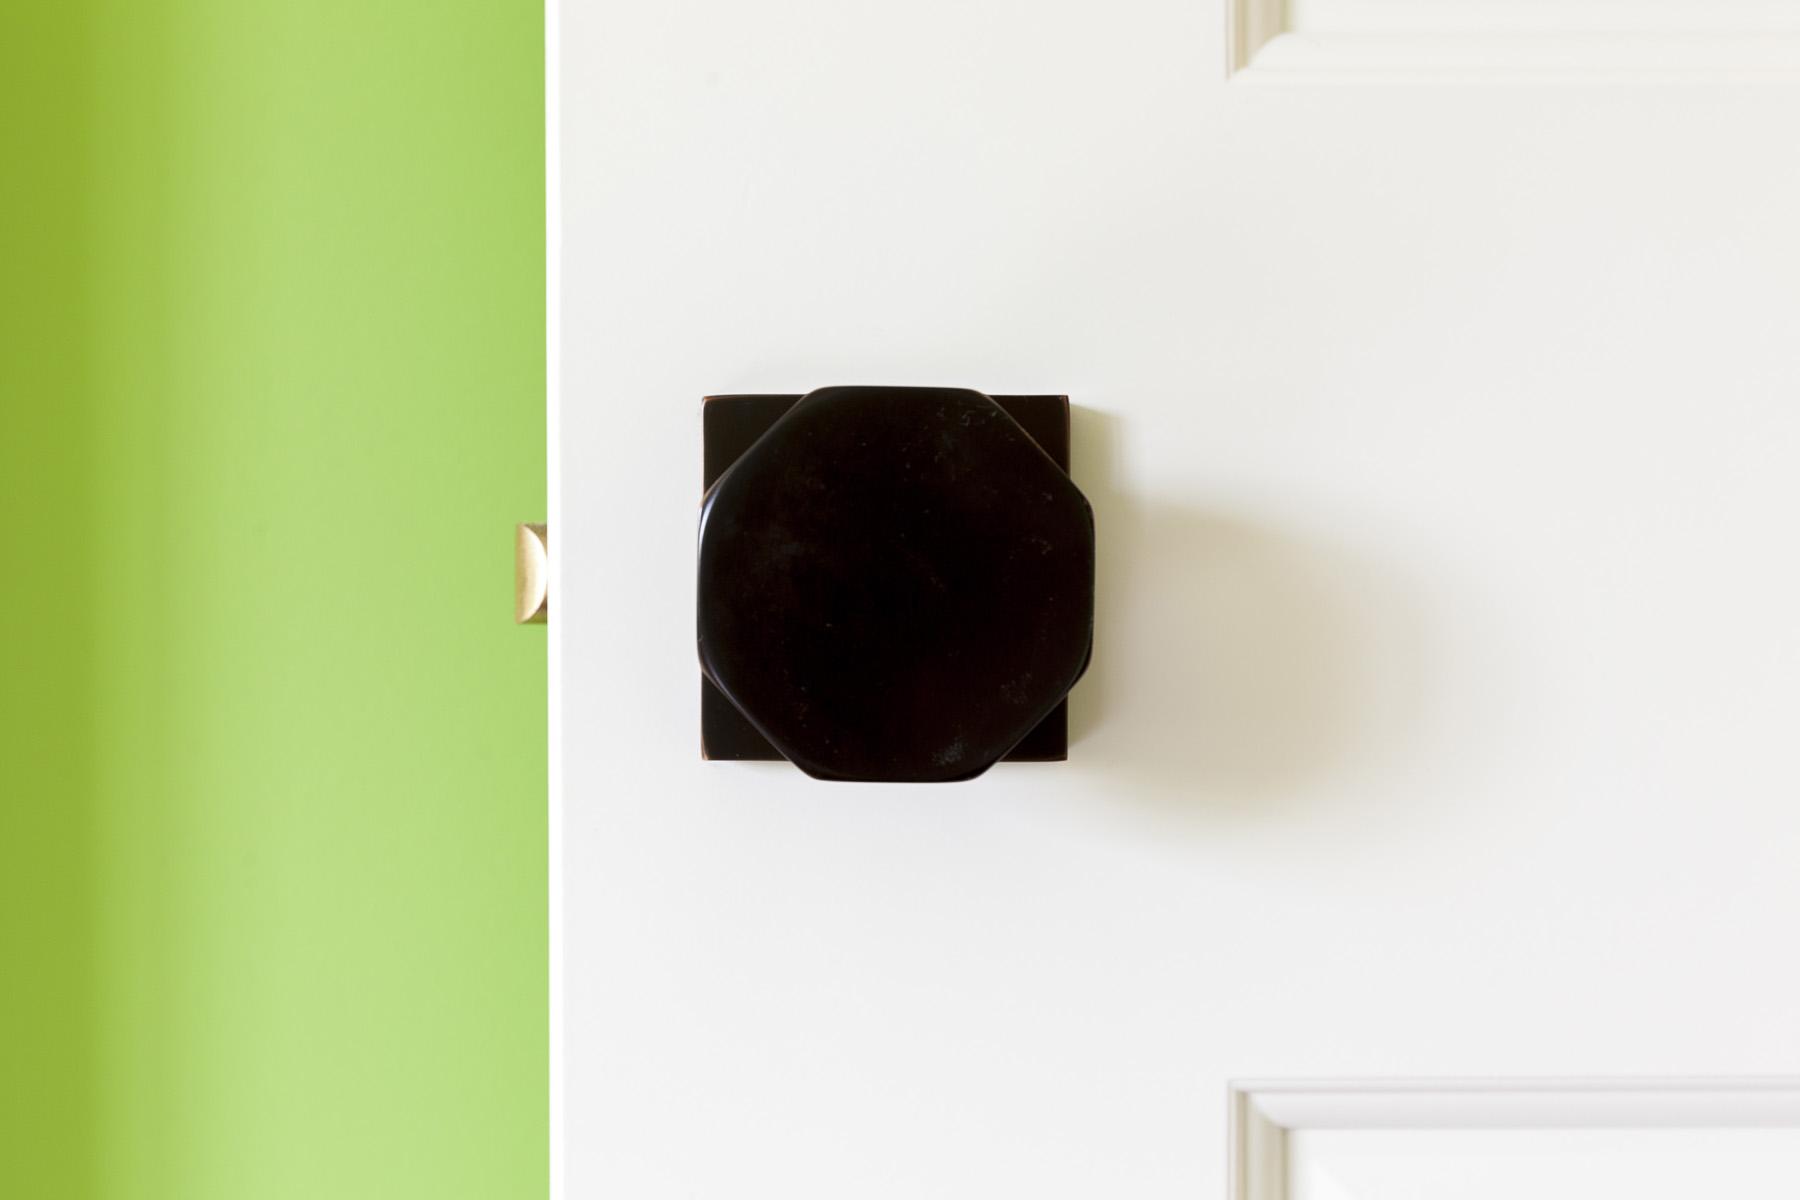 2nd-Floor-Doorknob-01.jpg